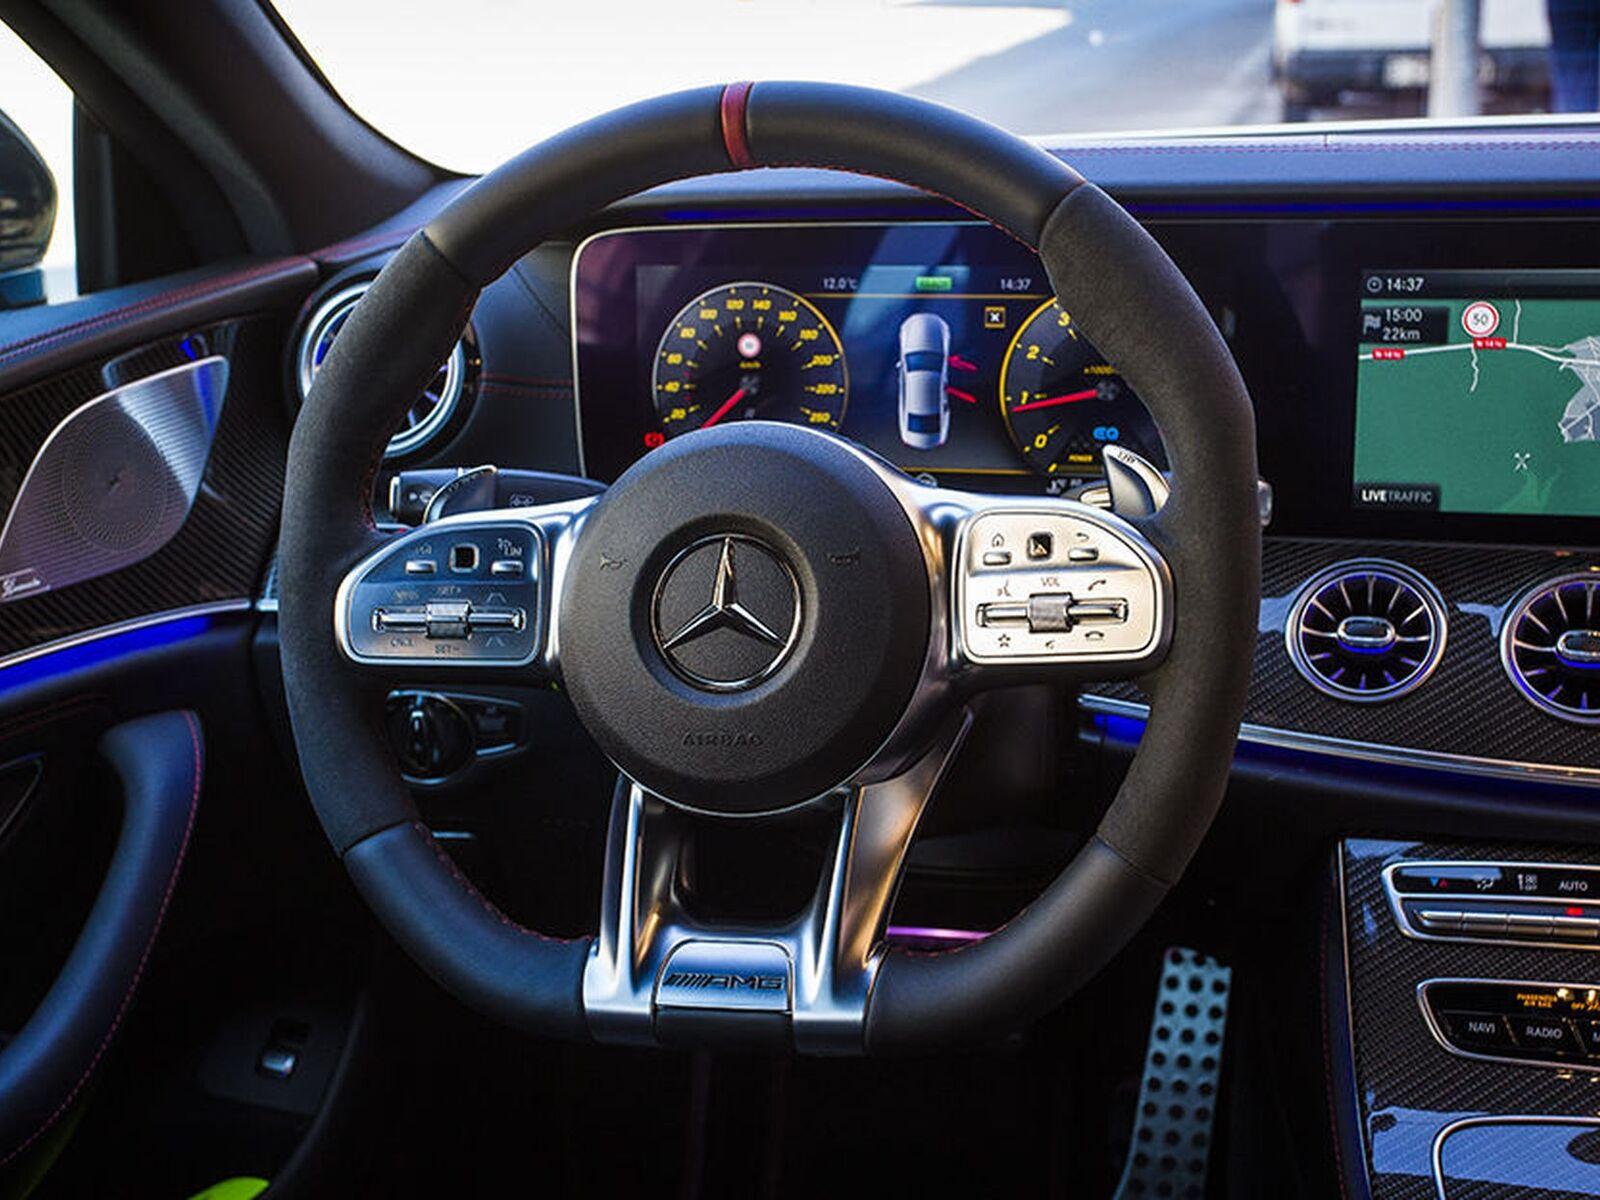 Auto 2018 -tapahtumassa lähes 200 koeajettavaa autoa – katso koko lista